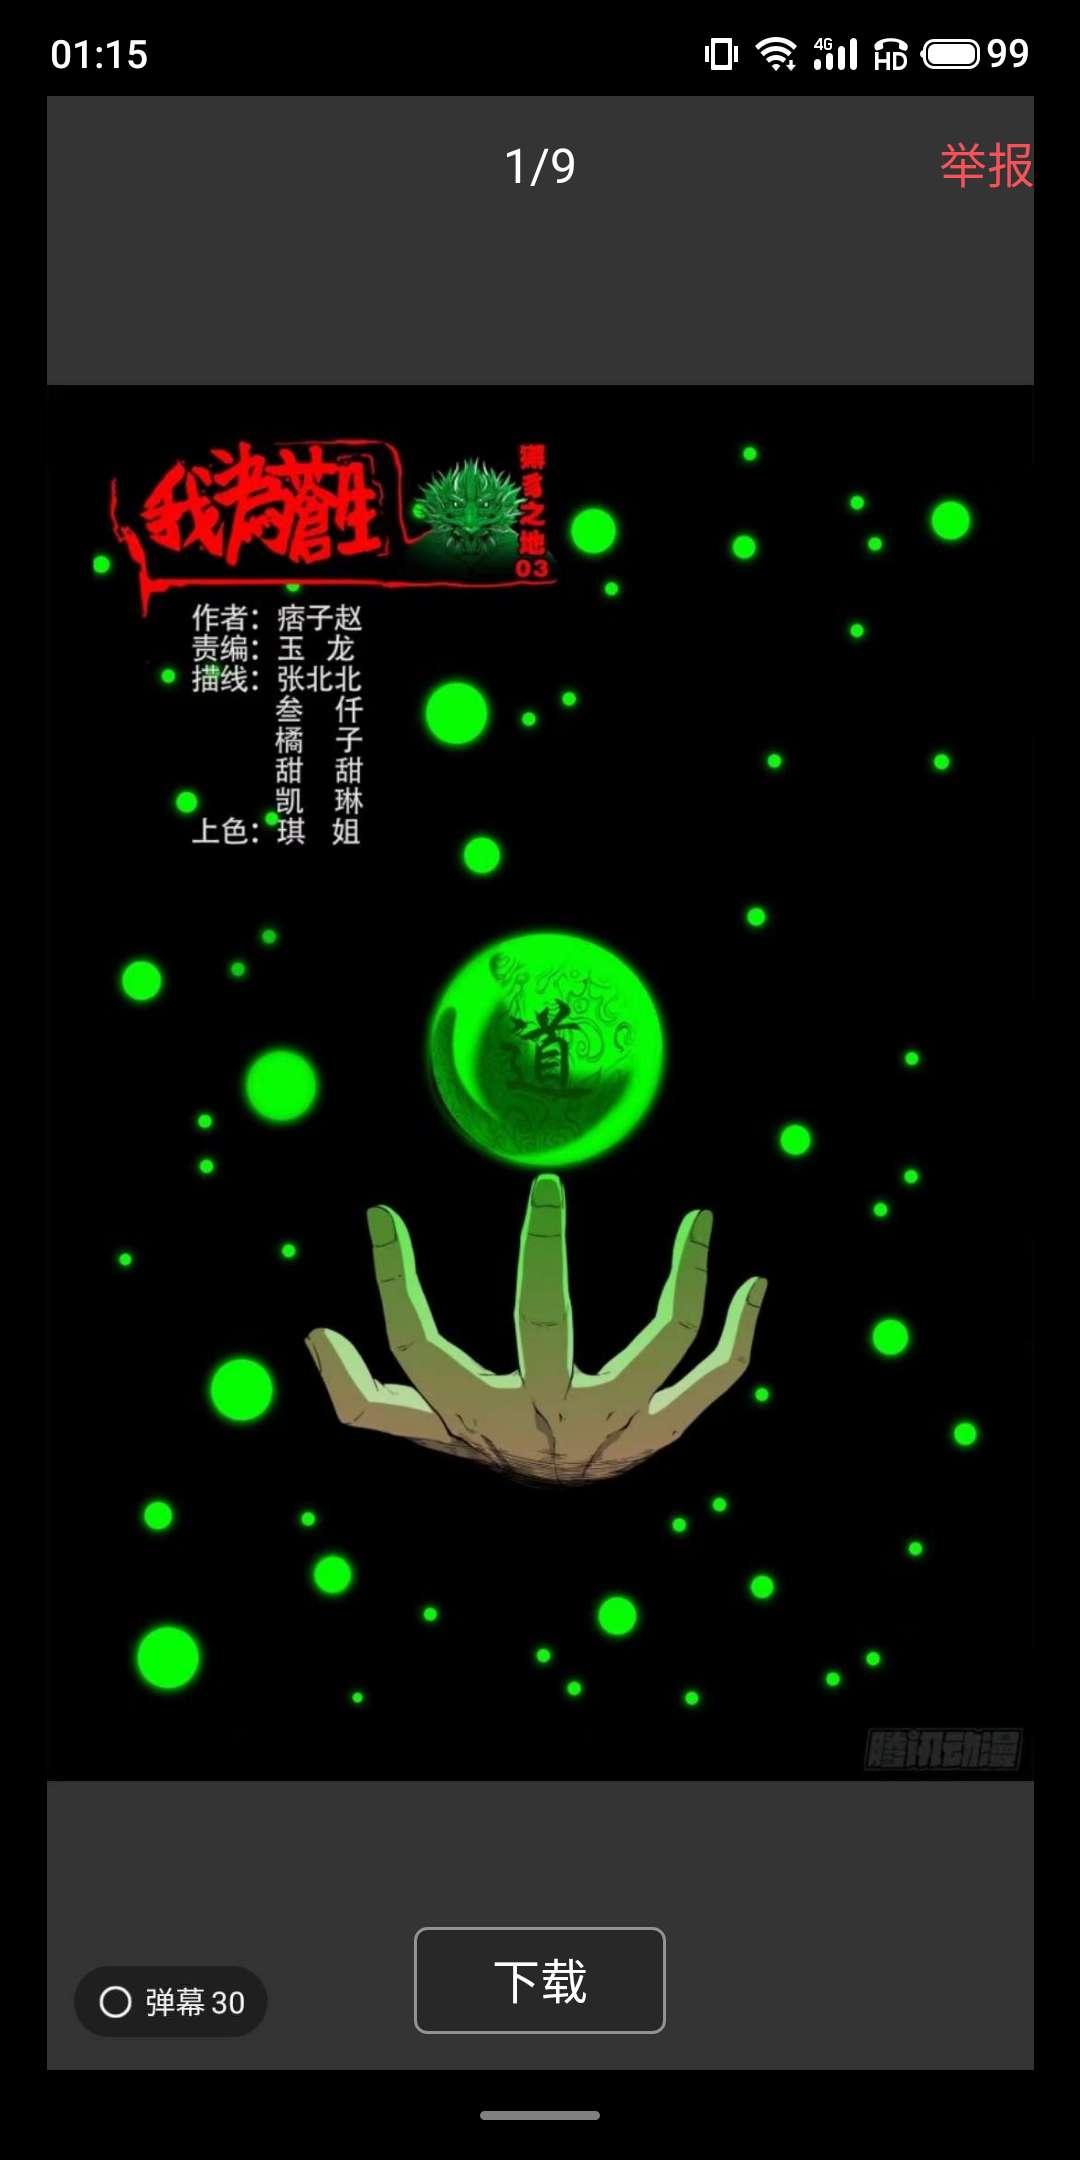 【漫画更新】我为苍生502~503-小柚妹站